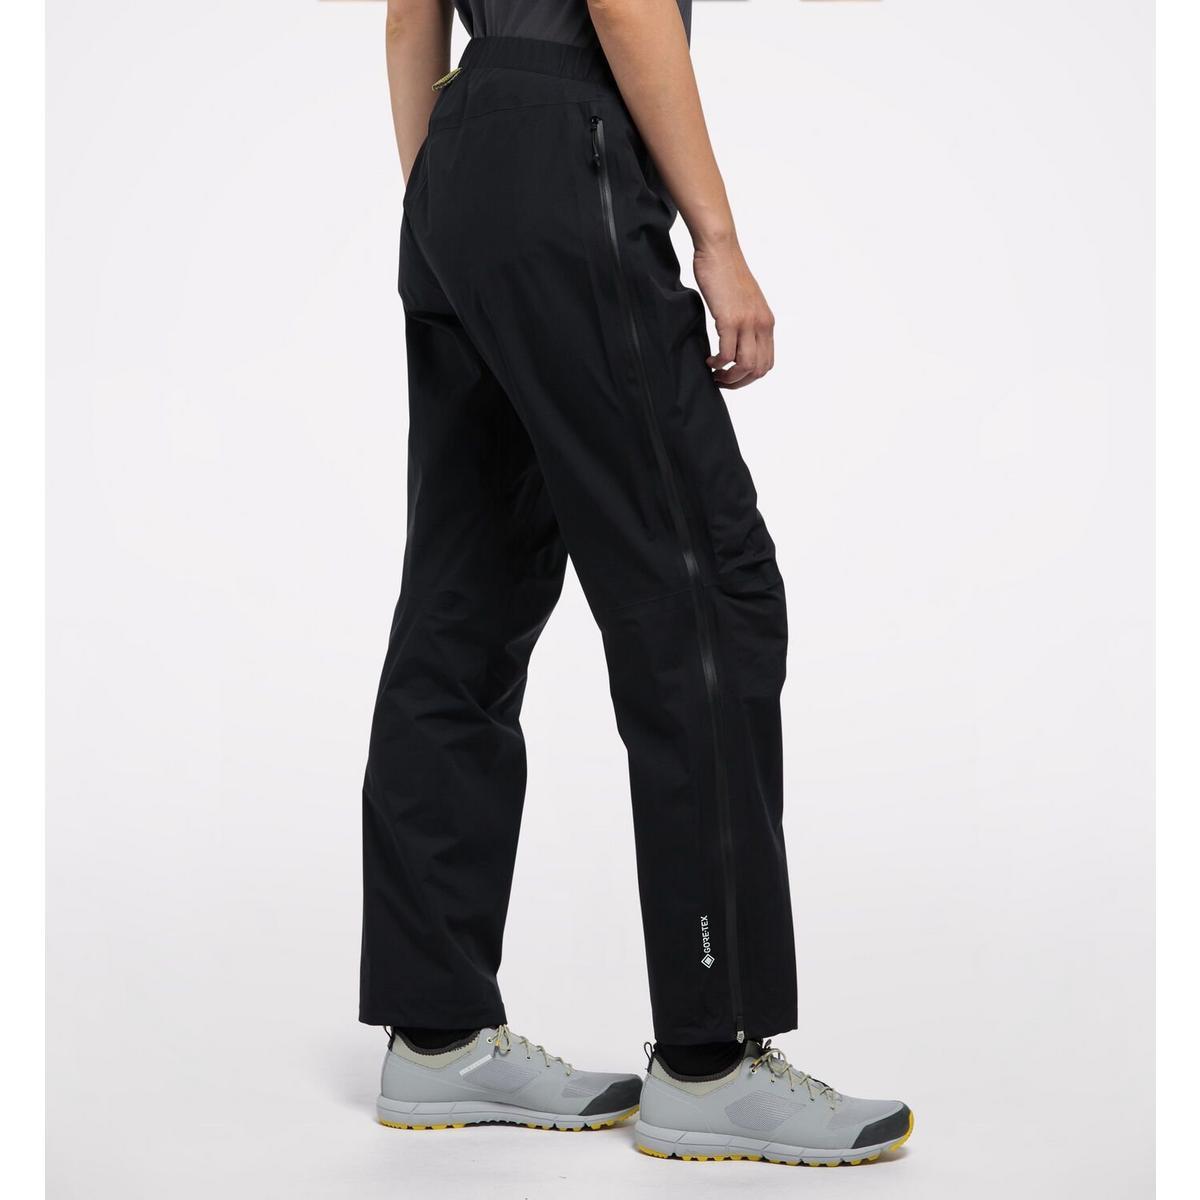 Haglofs Women's Haglofs L.I.M Pant Short - Black